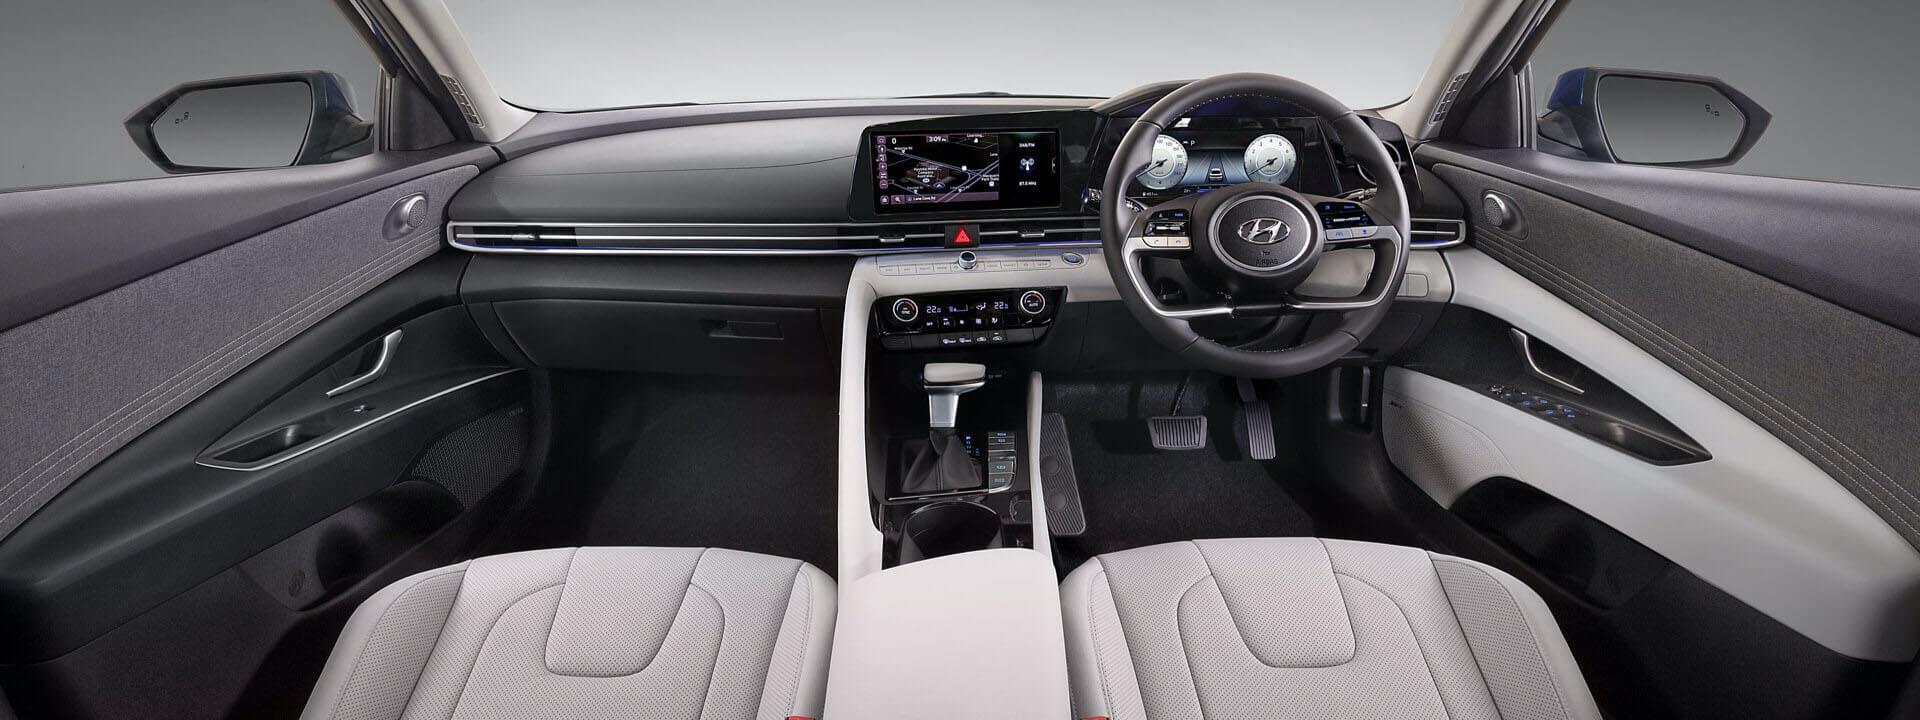 i30 Sedan Interior